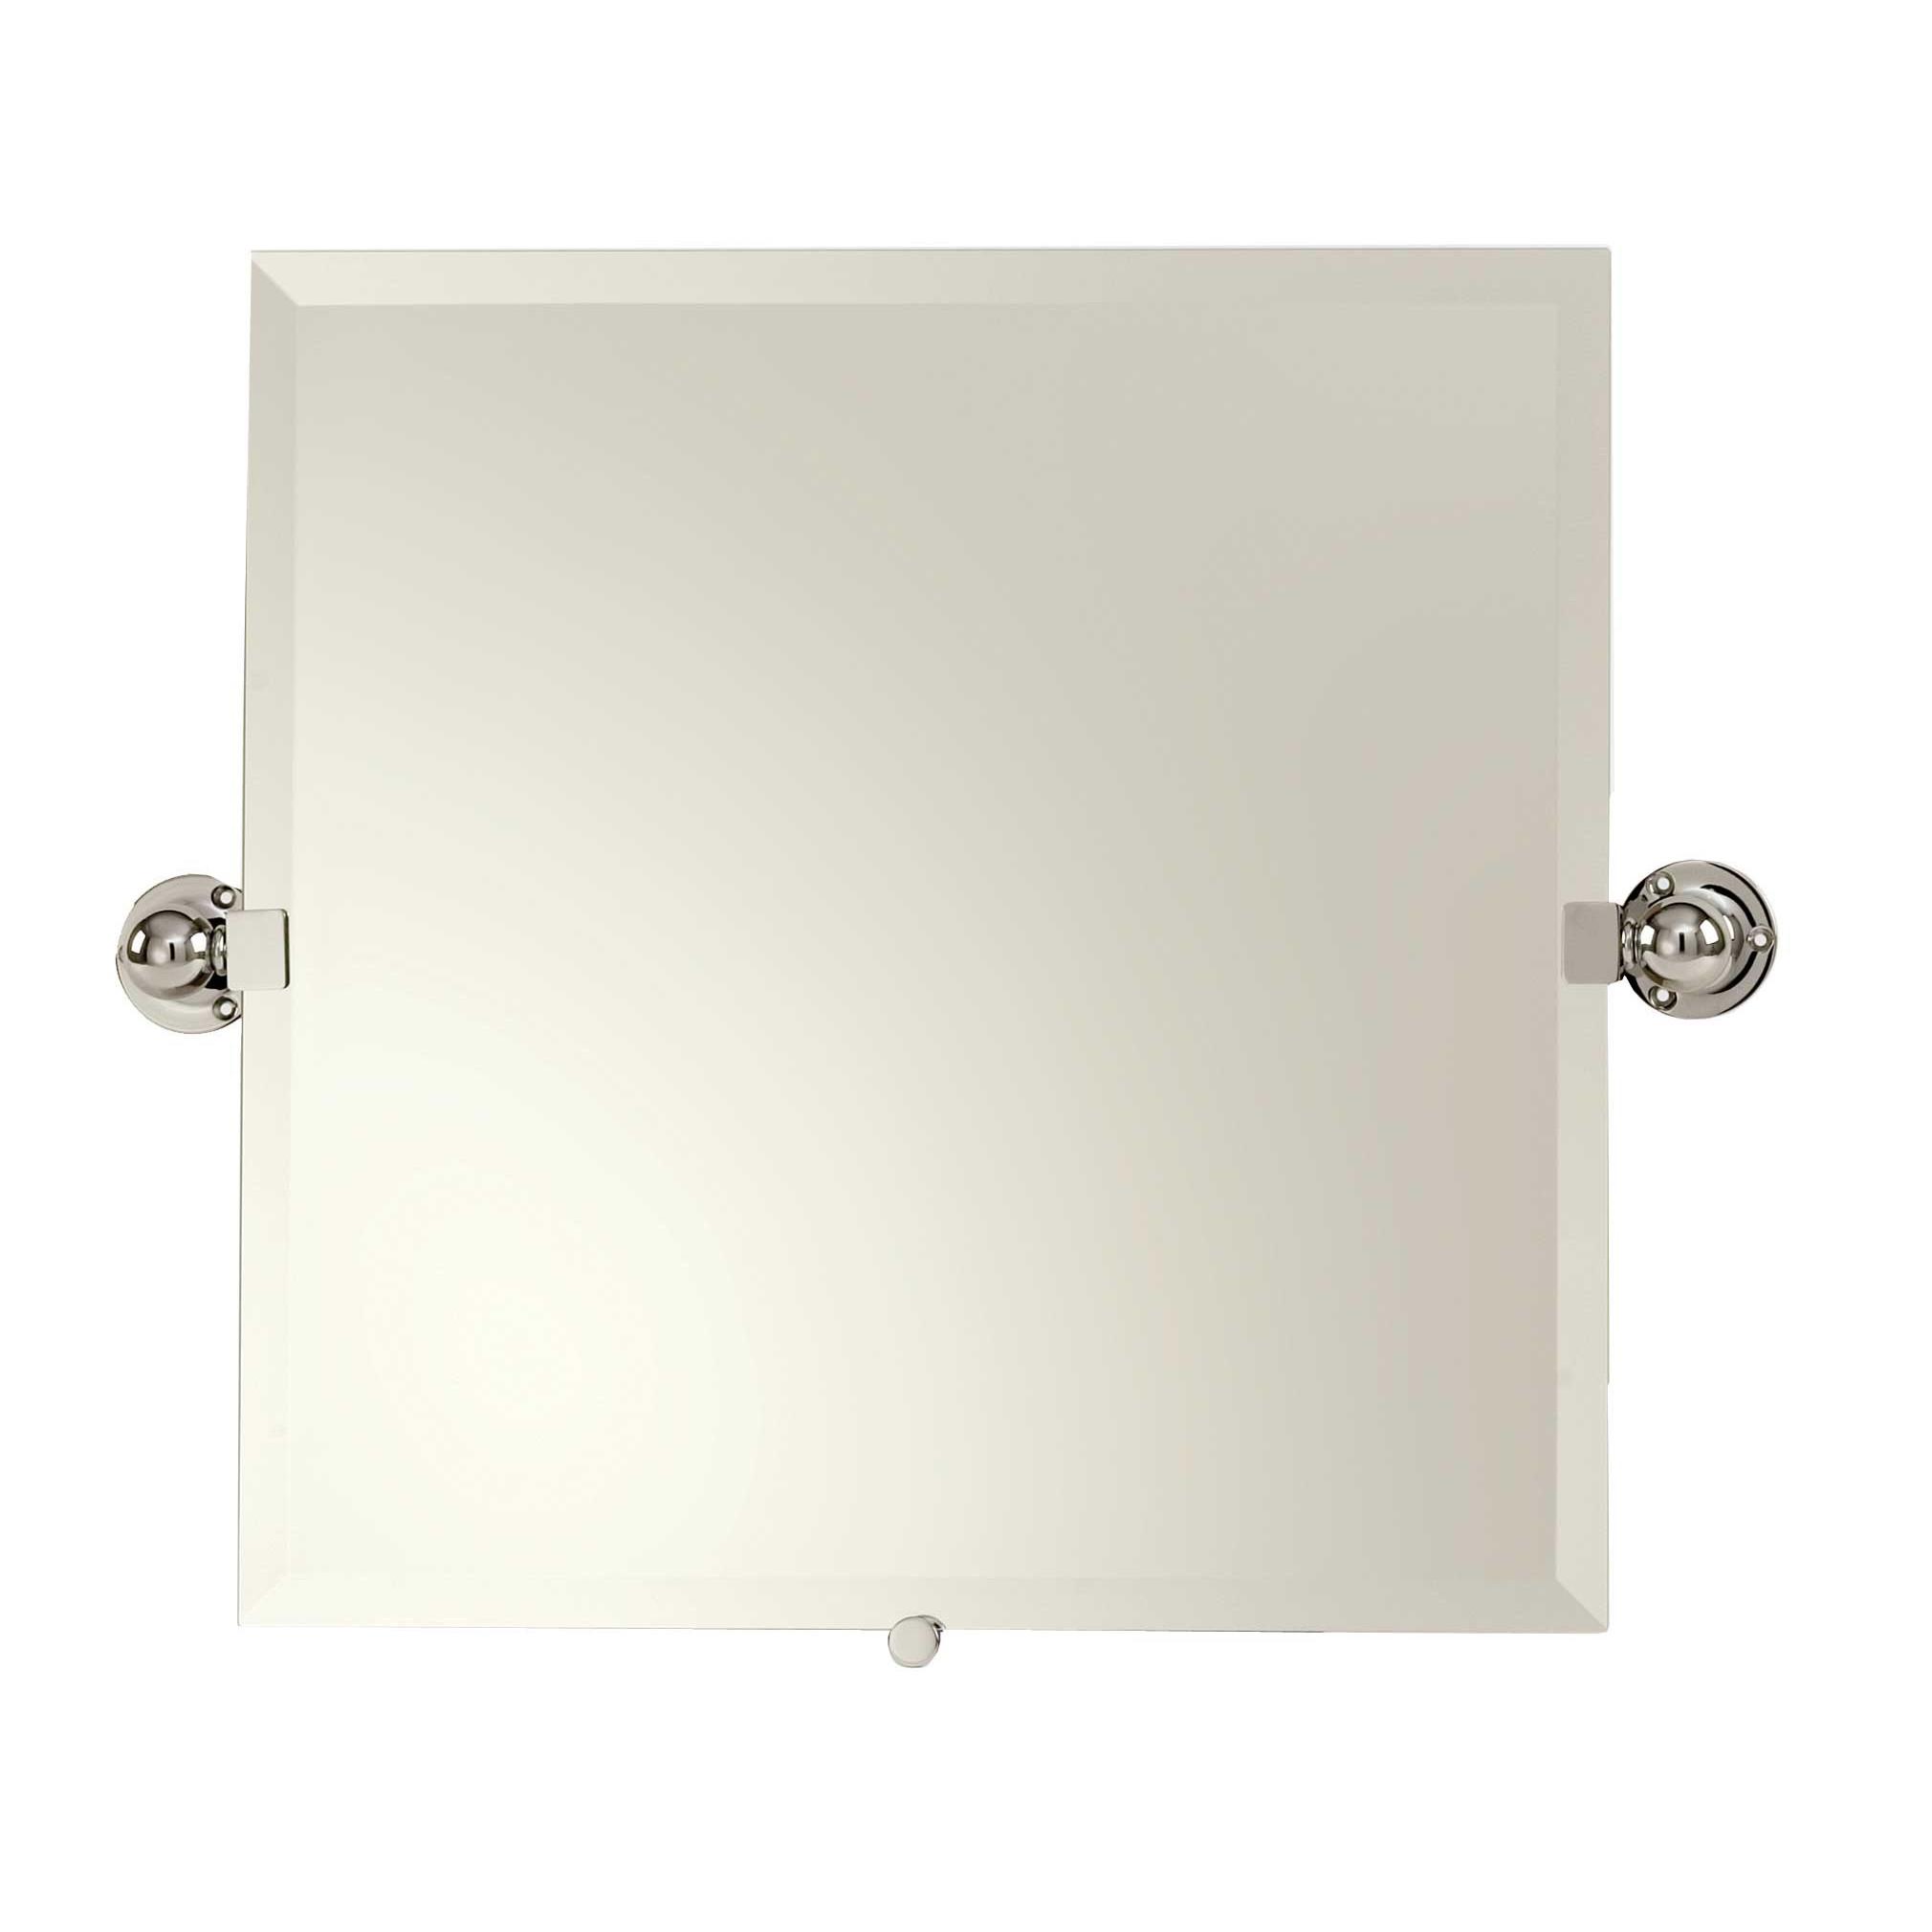 Interior Mesmerizing Frameless Full Length Mirror For Home For Full Length Frameless Mirror (Image 6 of 15)